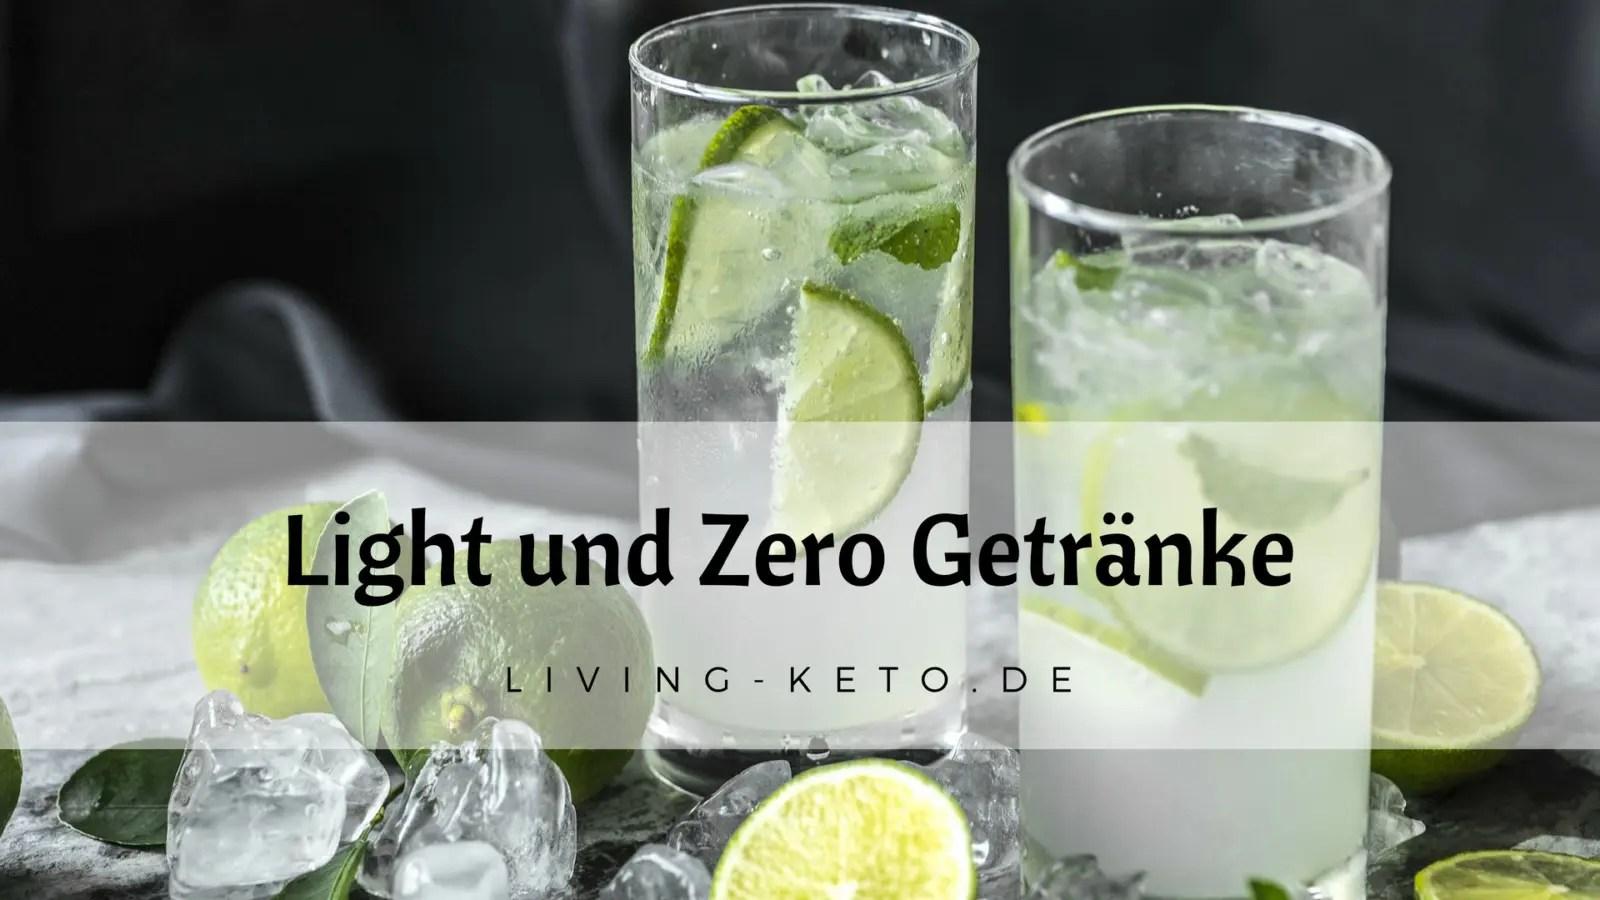 Light und Zero Getränke in der ketogenen Ernährung